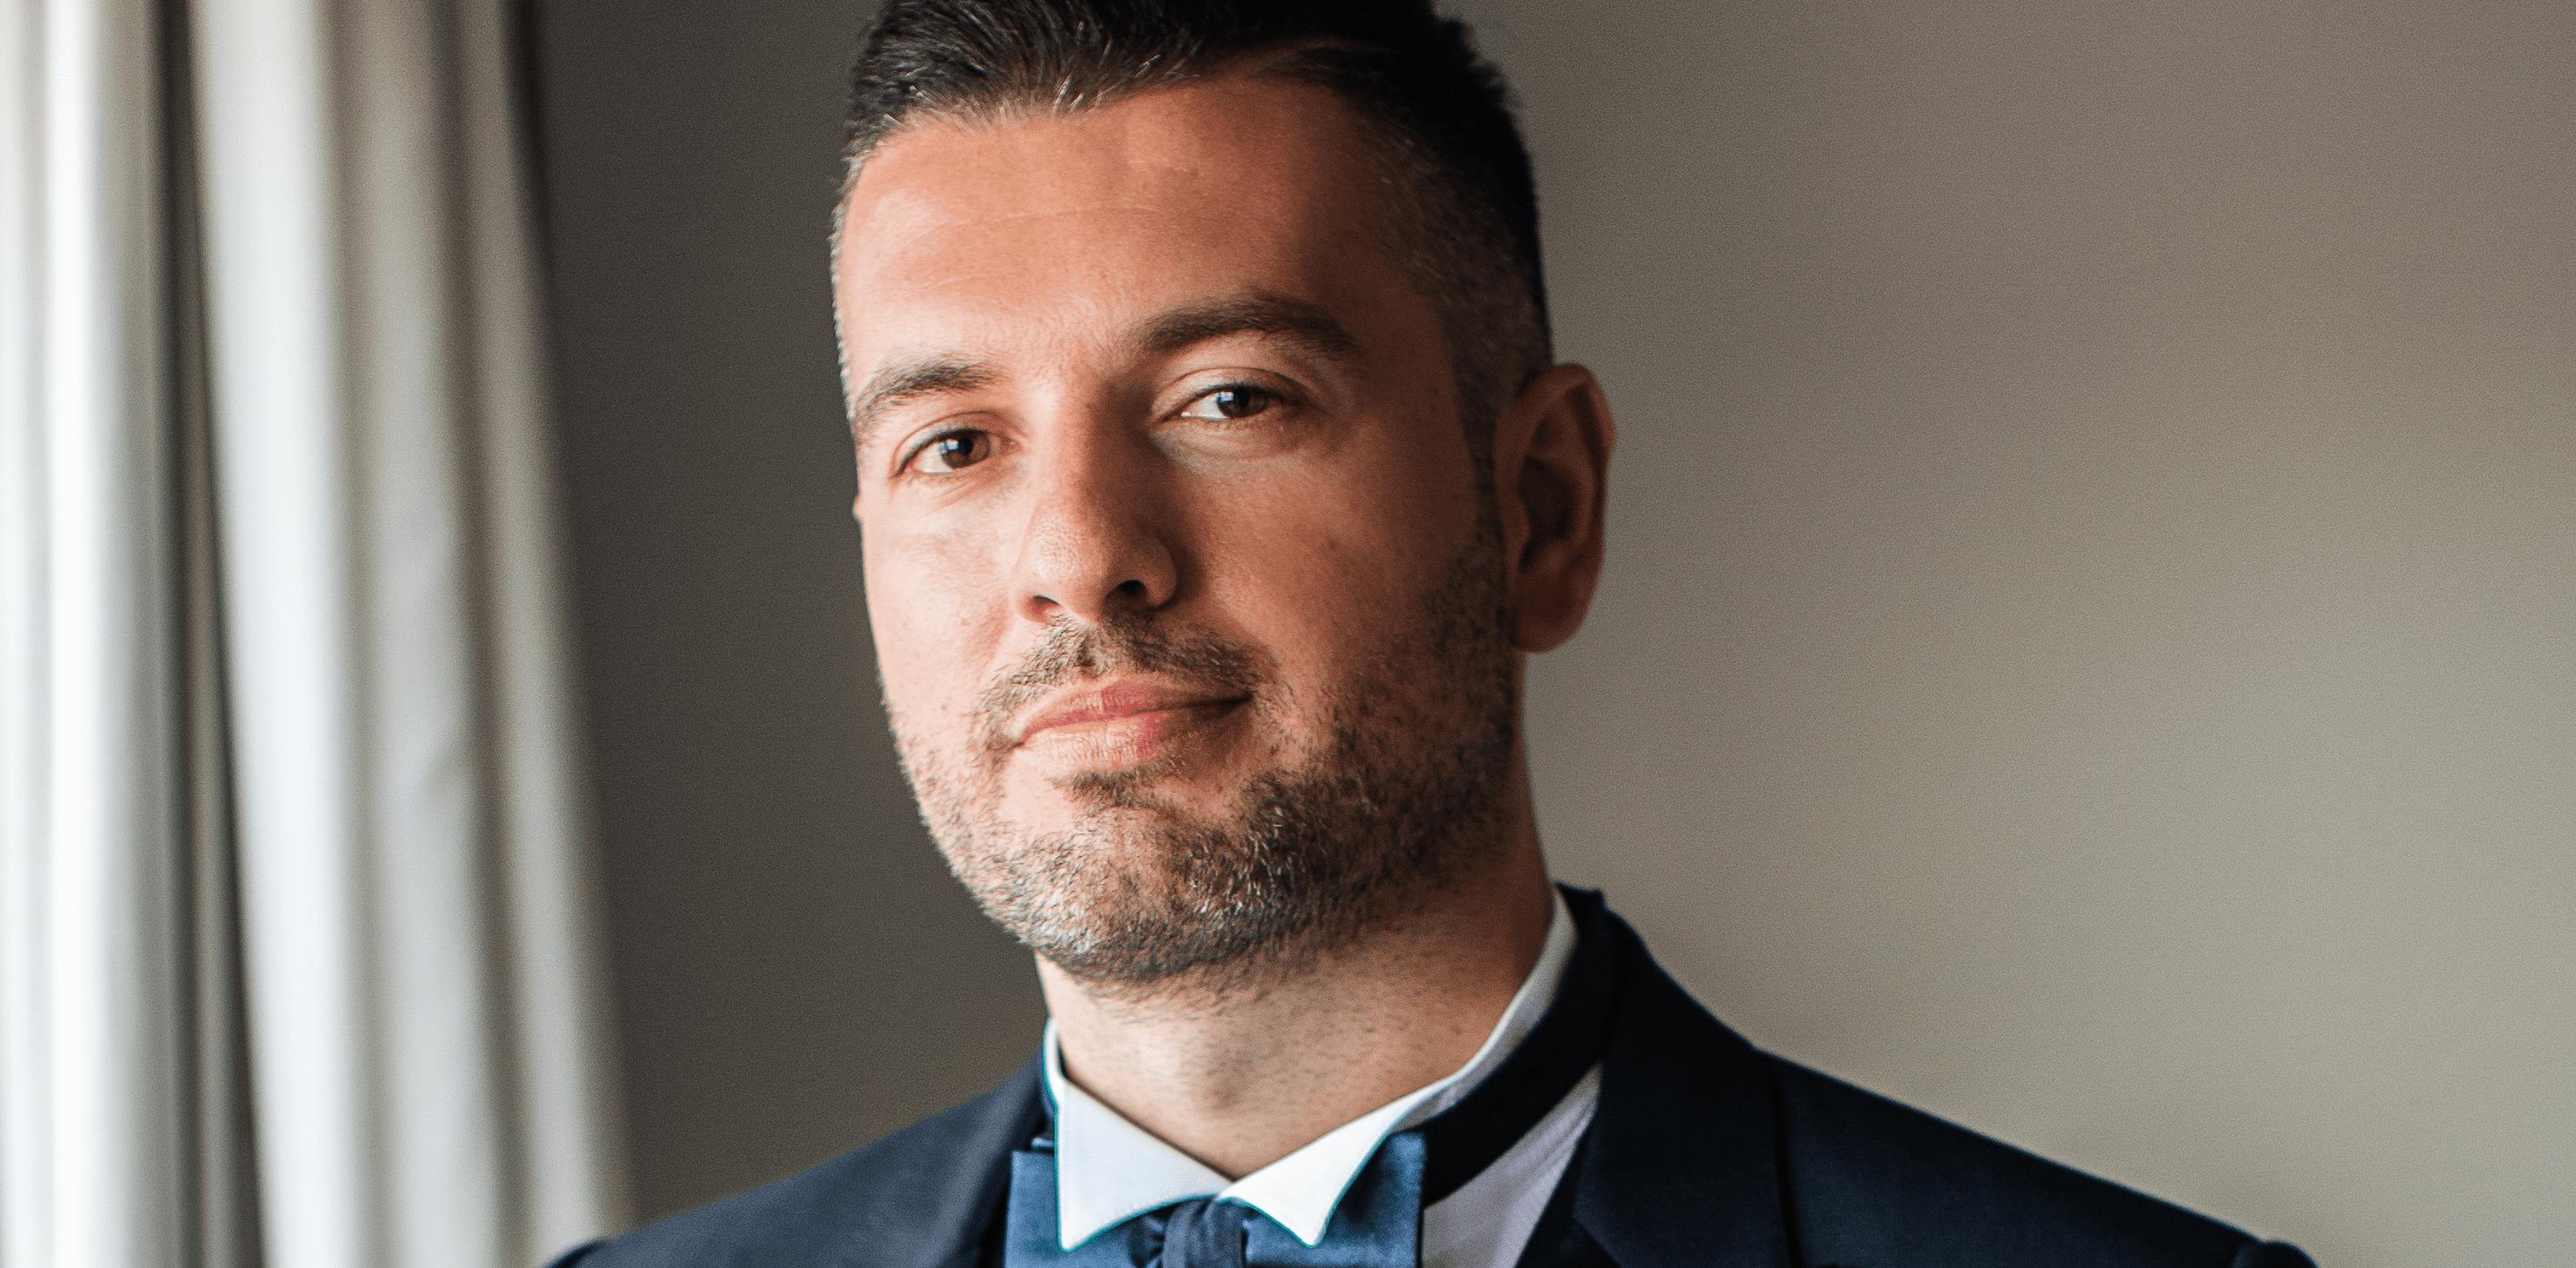 Antonio Cannata, CEO Stormind Games, разработчик серии хоррор игр Remothered